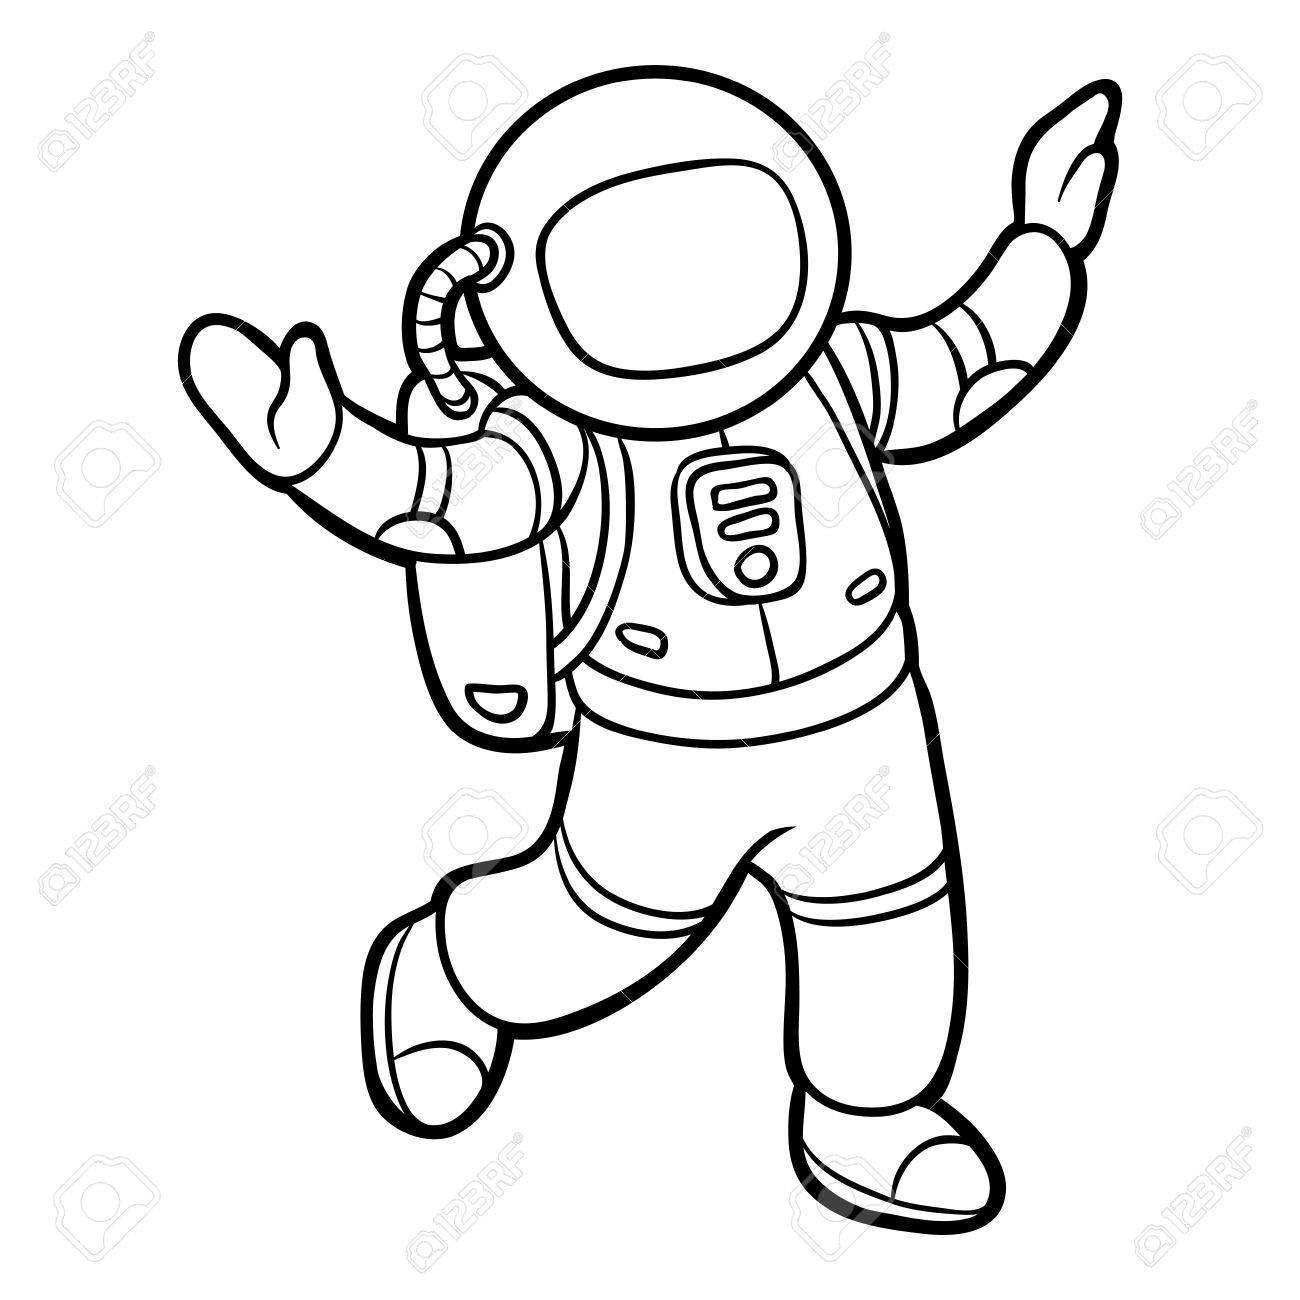 宇宙飛行士の子供のための塗り絵のイラスト素材ベクタ Image 79471441